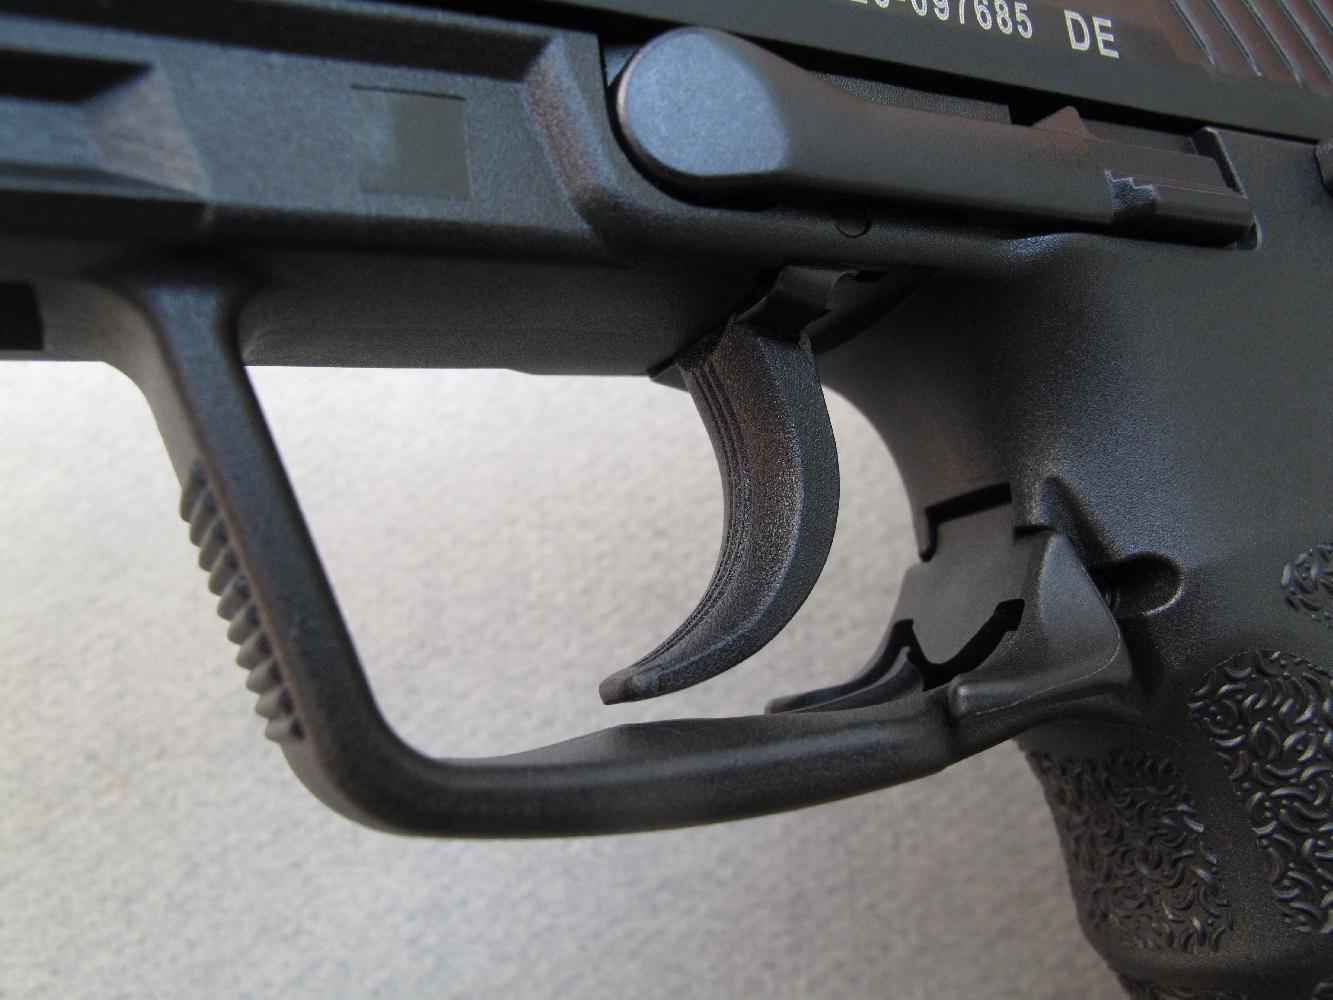 La commande ambidextre de déverrouillage du chargeur intégrée au pontet peut être actionnée avec une facilité déconcertante quelle que soit la position de la main.